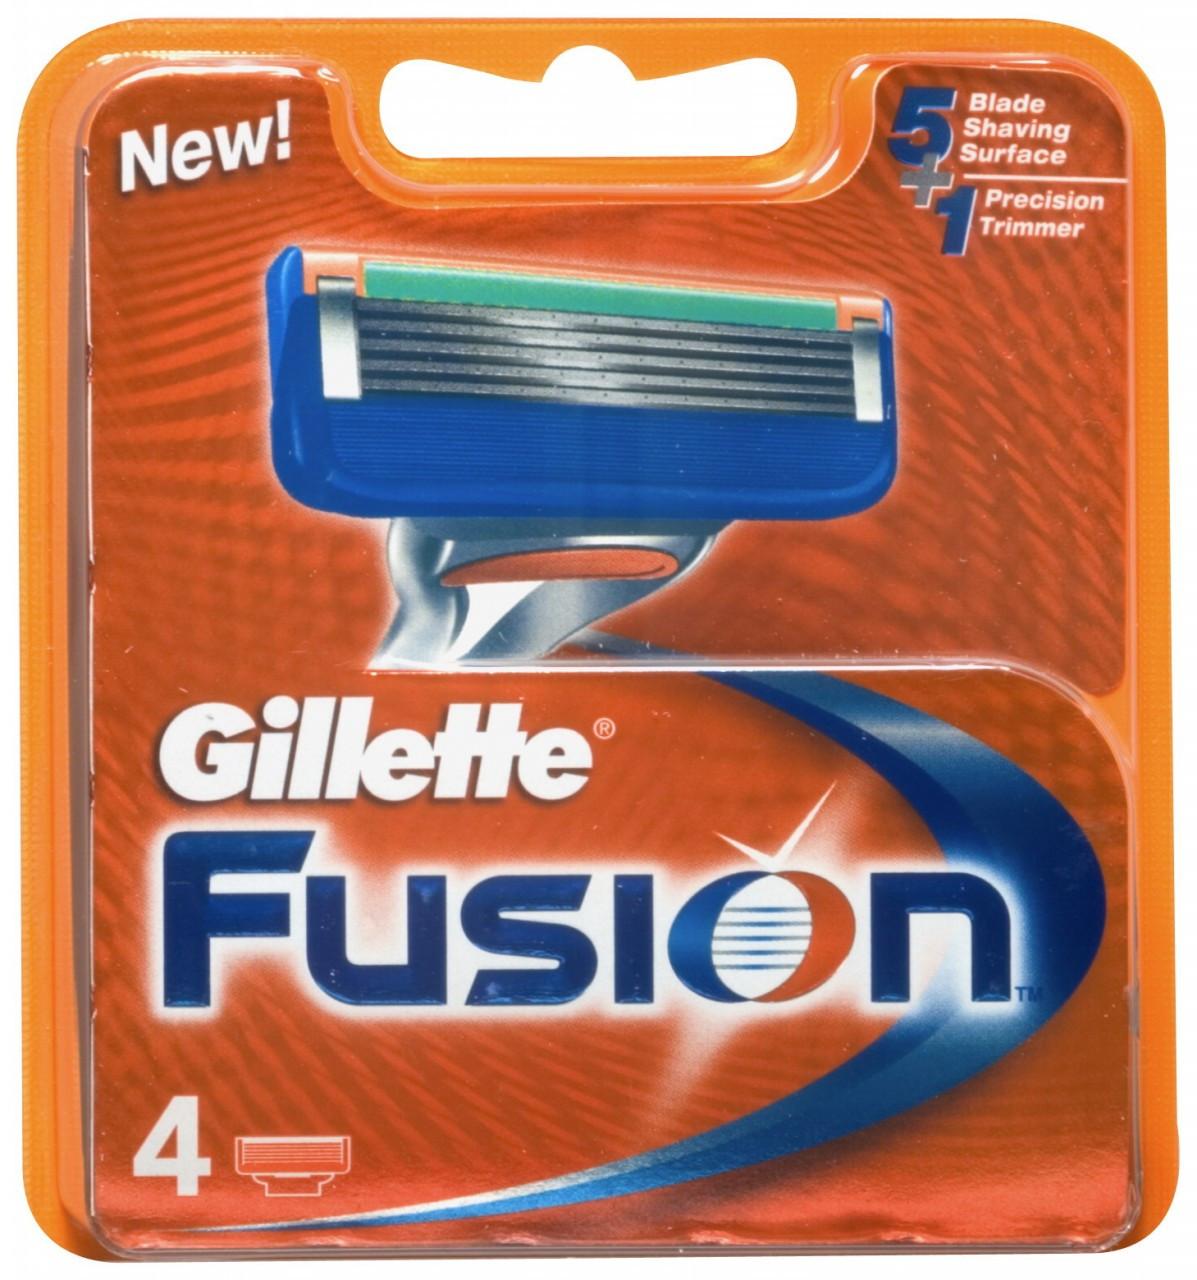 Картриджи Gillette Fusion 4's (четыре картриджа в упаковке)